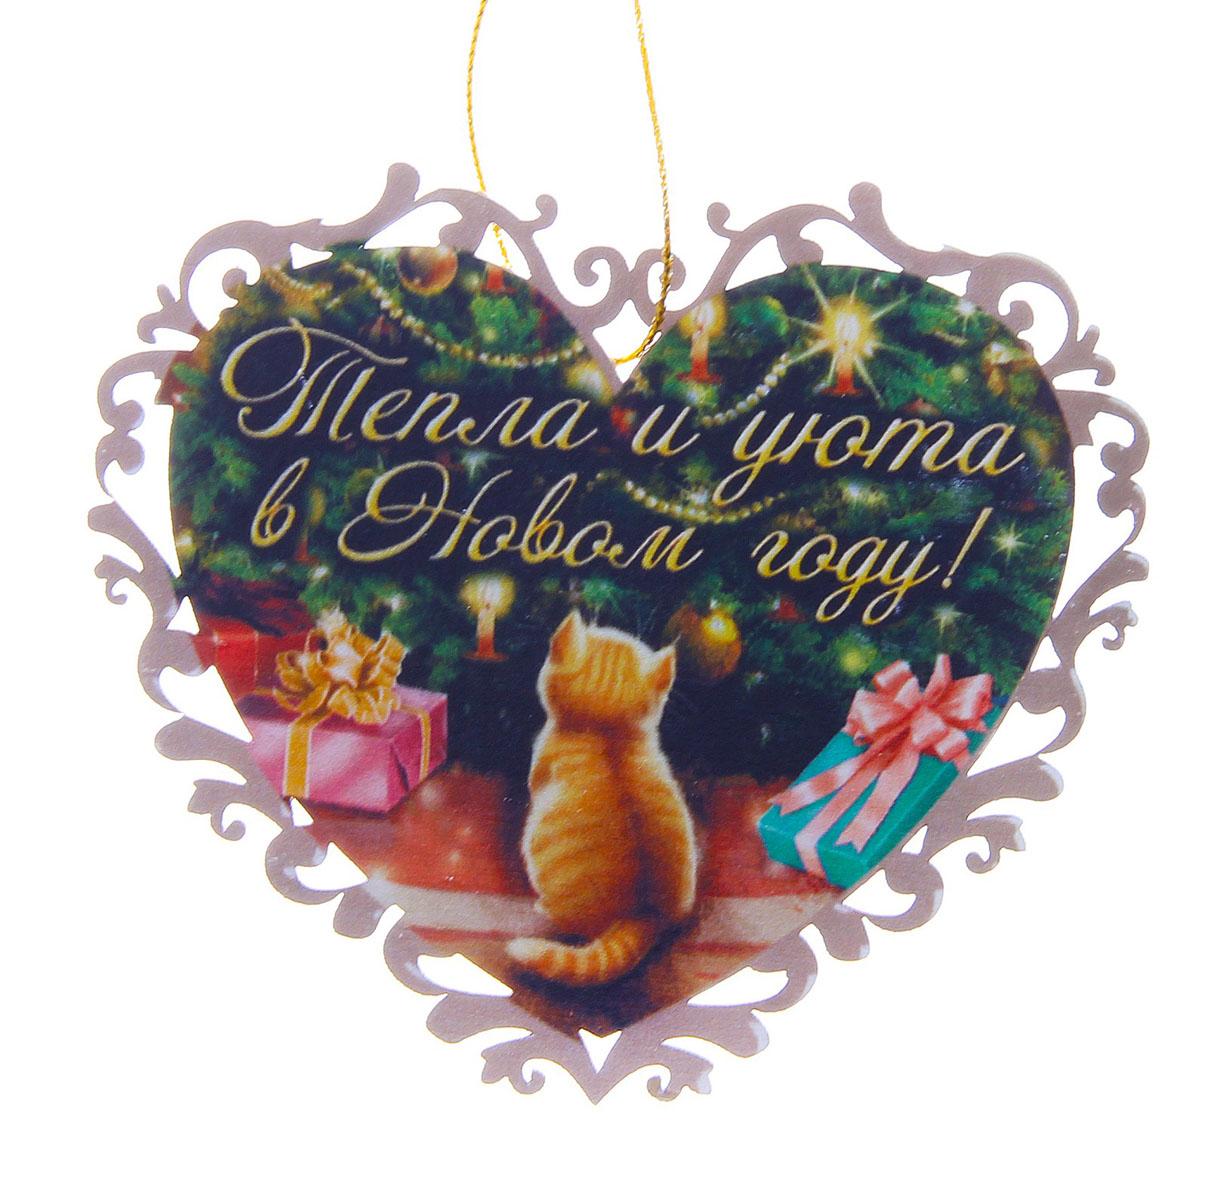 Новогоднее подвесное украшение Sima-land Тепла и уюта в Новом году!, цвет: бежевый696768Новогоднее украшение Sima-land Тепла и уюта в Новом году! отлично подойдет для декорации вашего дома и новогодней ели. Игрушка выполнена из дерева в виде сердца, декорированного изображением котенка у новогодней елки. Украшение оснащено резными узорами и специальной текстильной петелькой для подвешивания. Елочная игрушка - символ Нового года. Она несет в себе волшебство и красоту праздника. Создайте в своем доме атмосферу веселья и радости, украшая всей семьей новогоднюю елку нарядными игрушками, которые будут из года в год накапливать теплоту воспоминаний. Коллекция декоративных украшений из серии Зимнее волшебство принесет в ваш дом ни с чем не сравнимое ощущение праздника! Материал: дерево, текстиль.